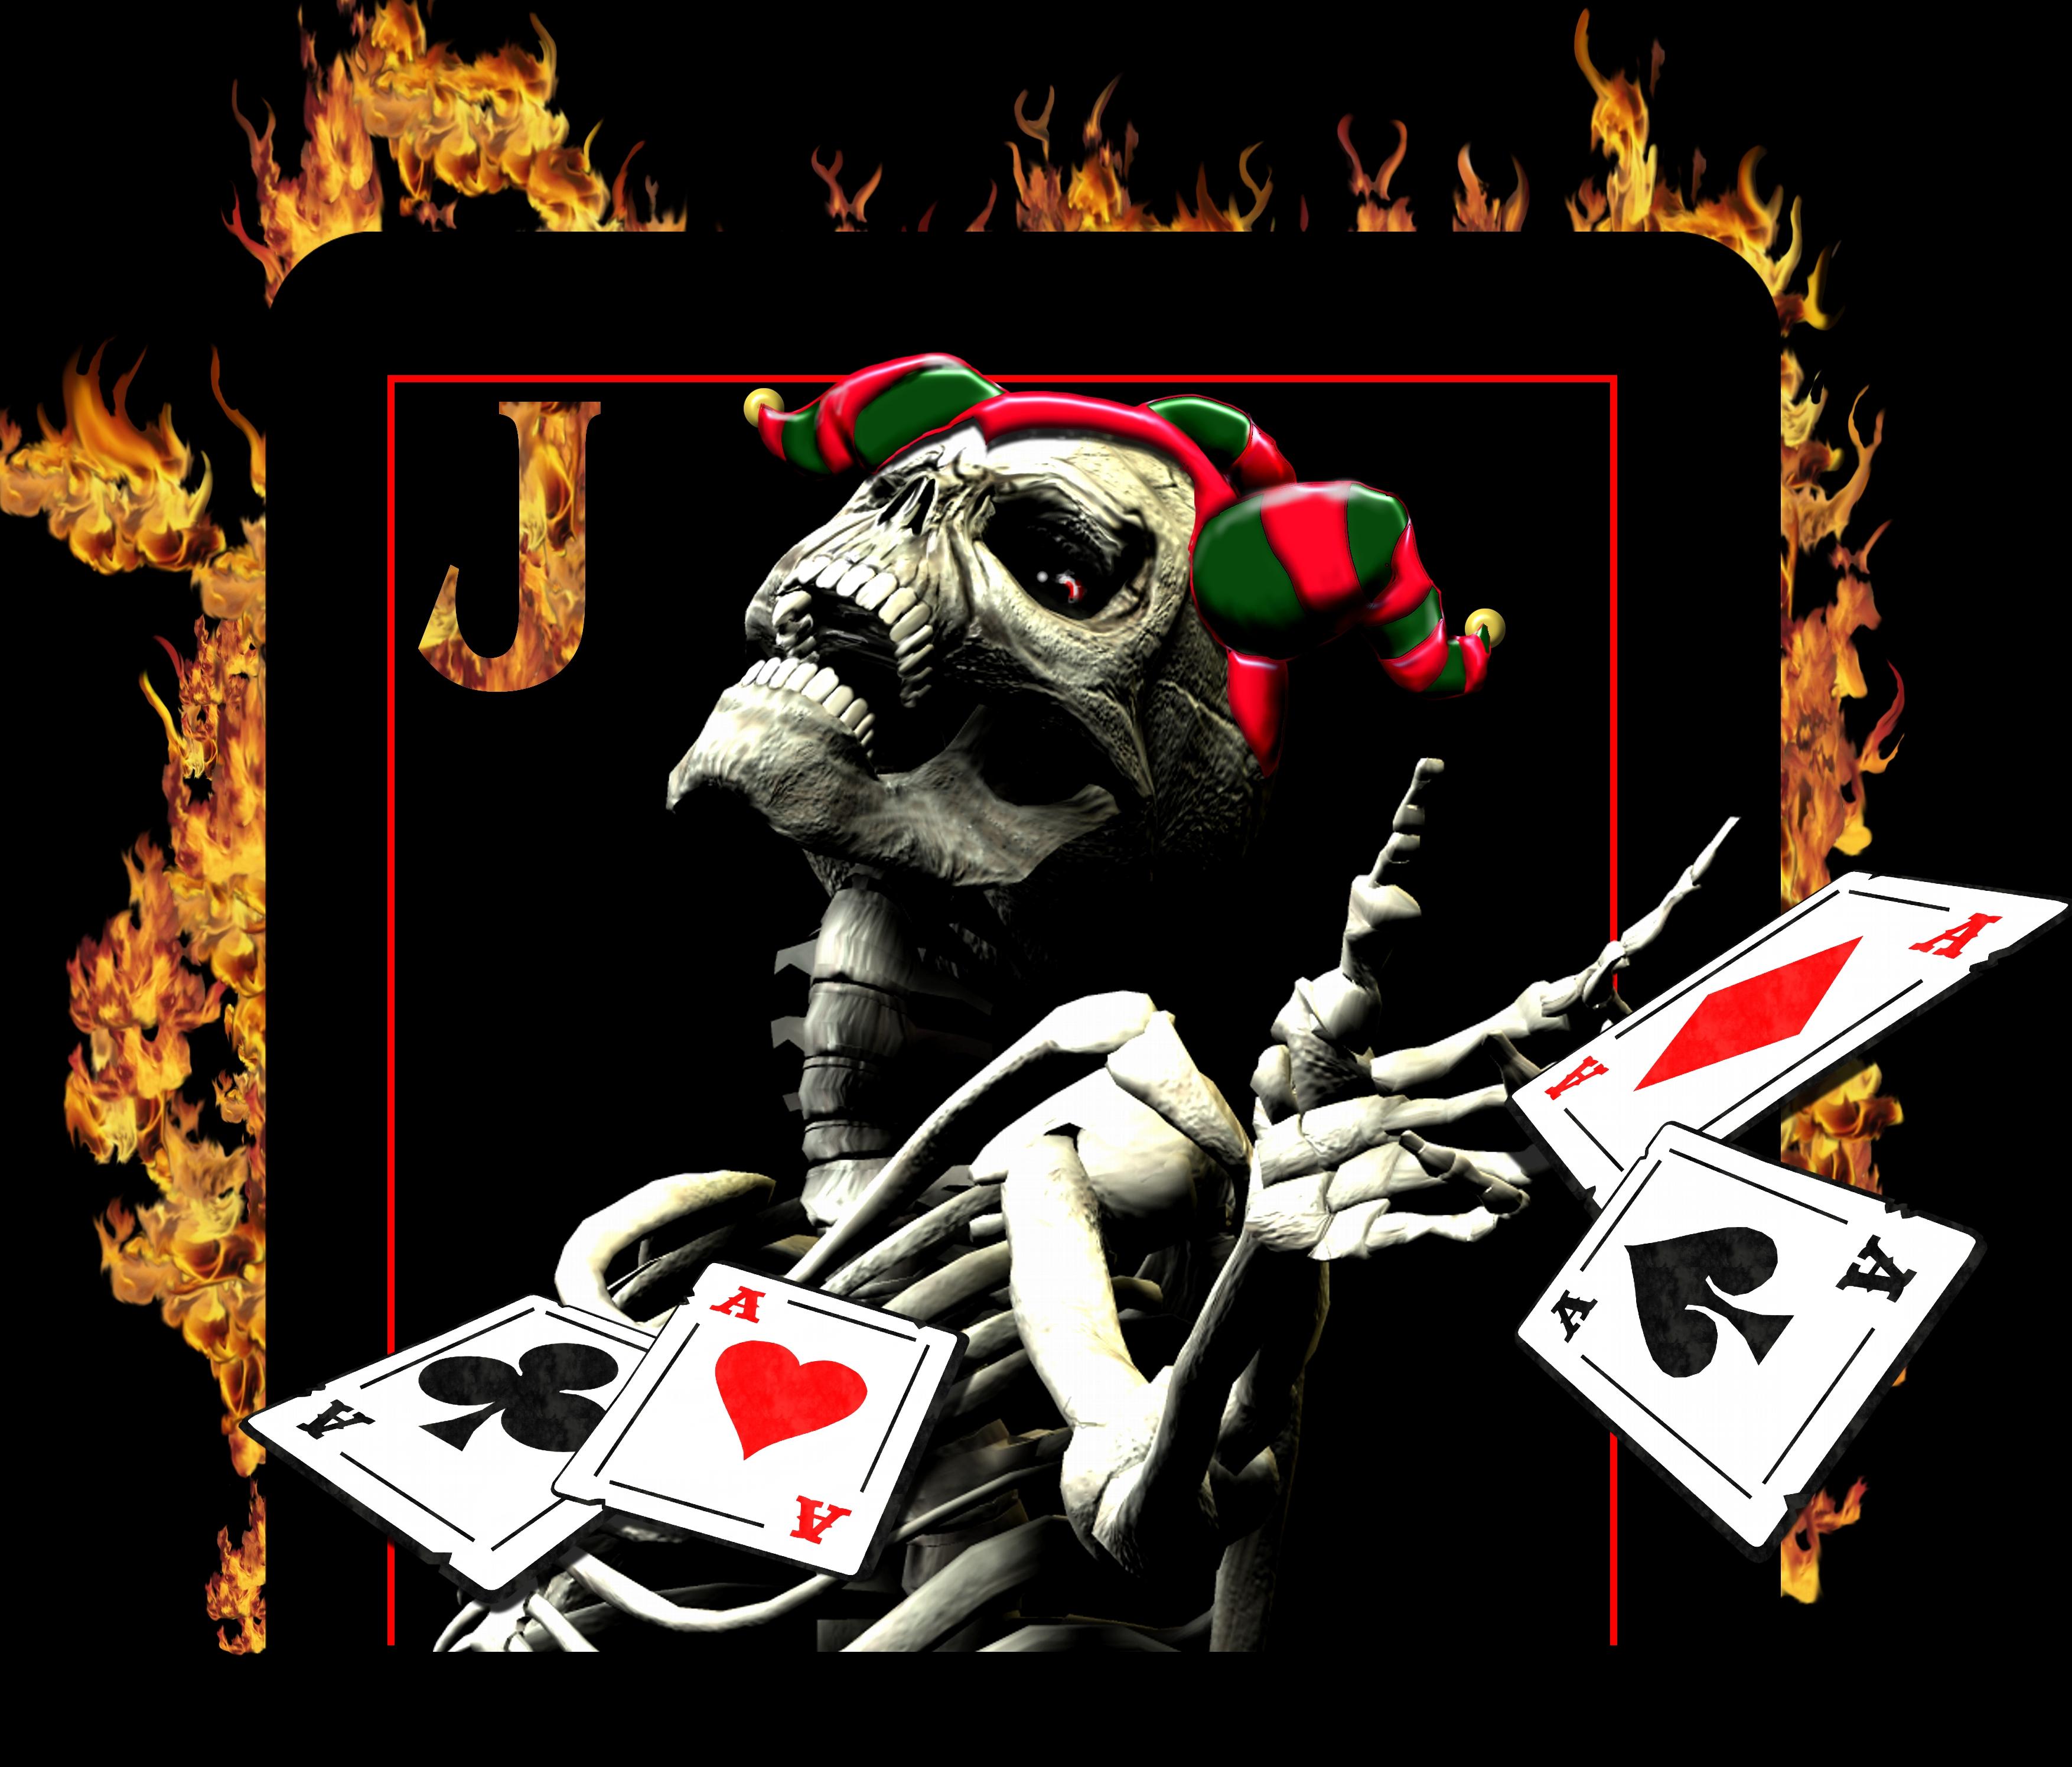 joker card art - photo #7